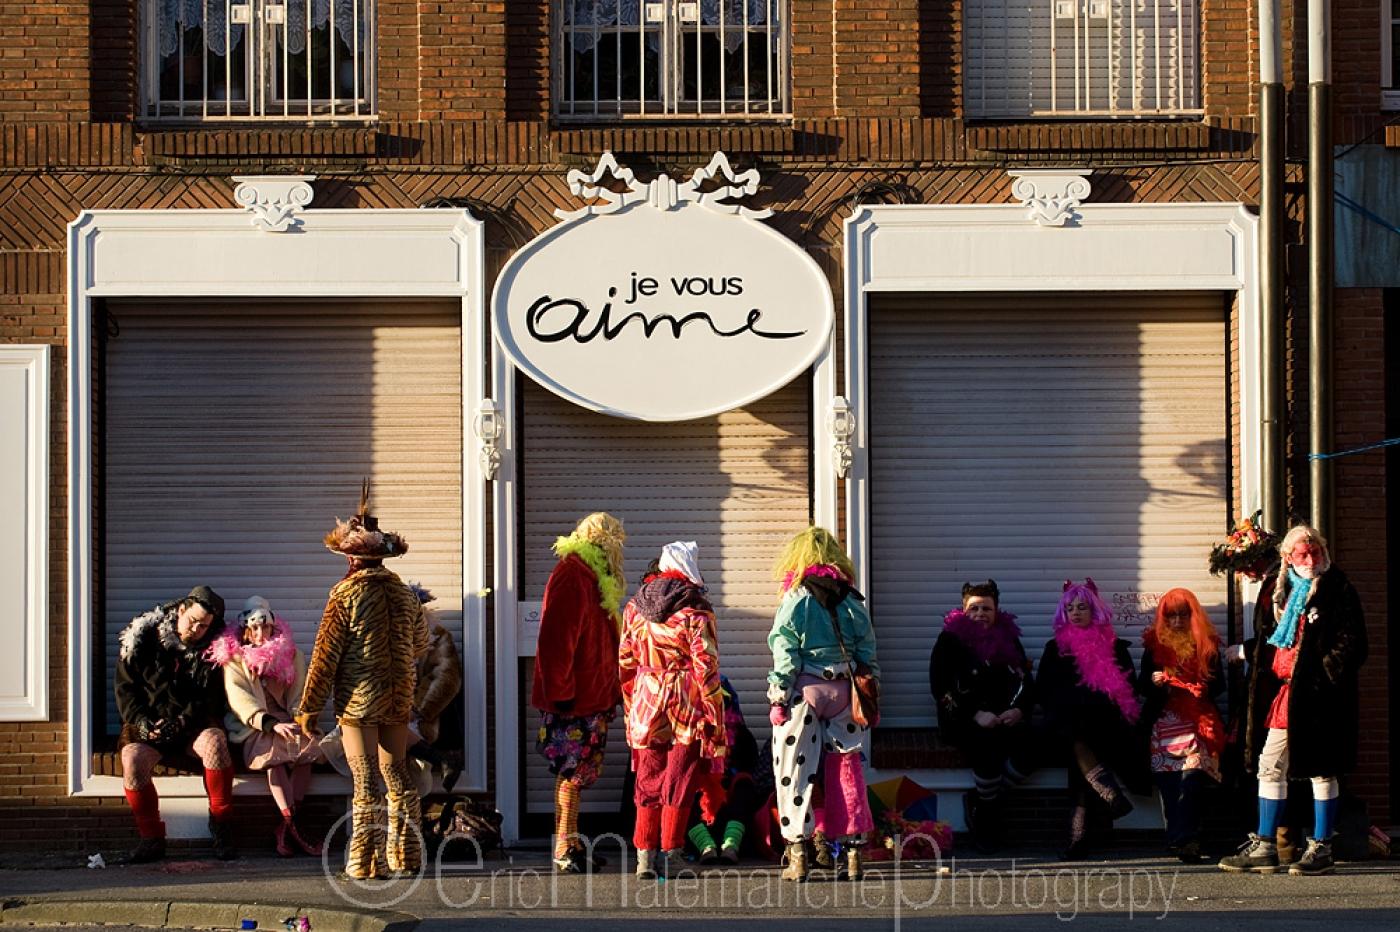 http://www.ericmalemanche.com/imagess/topics/carnaval-de-dunkerque/liste/Carnaval-Dunkerque-0836.jpg